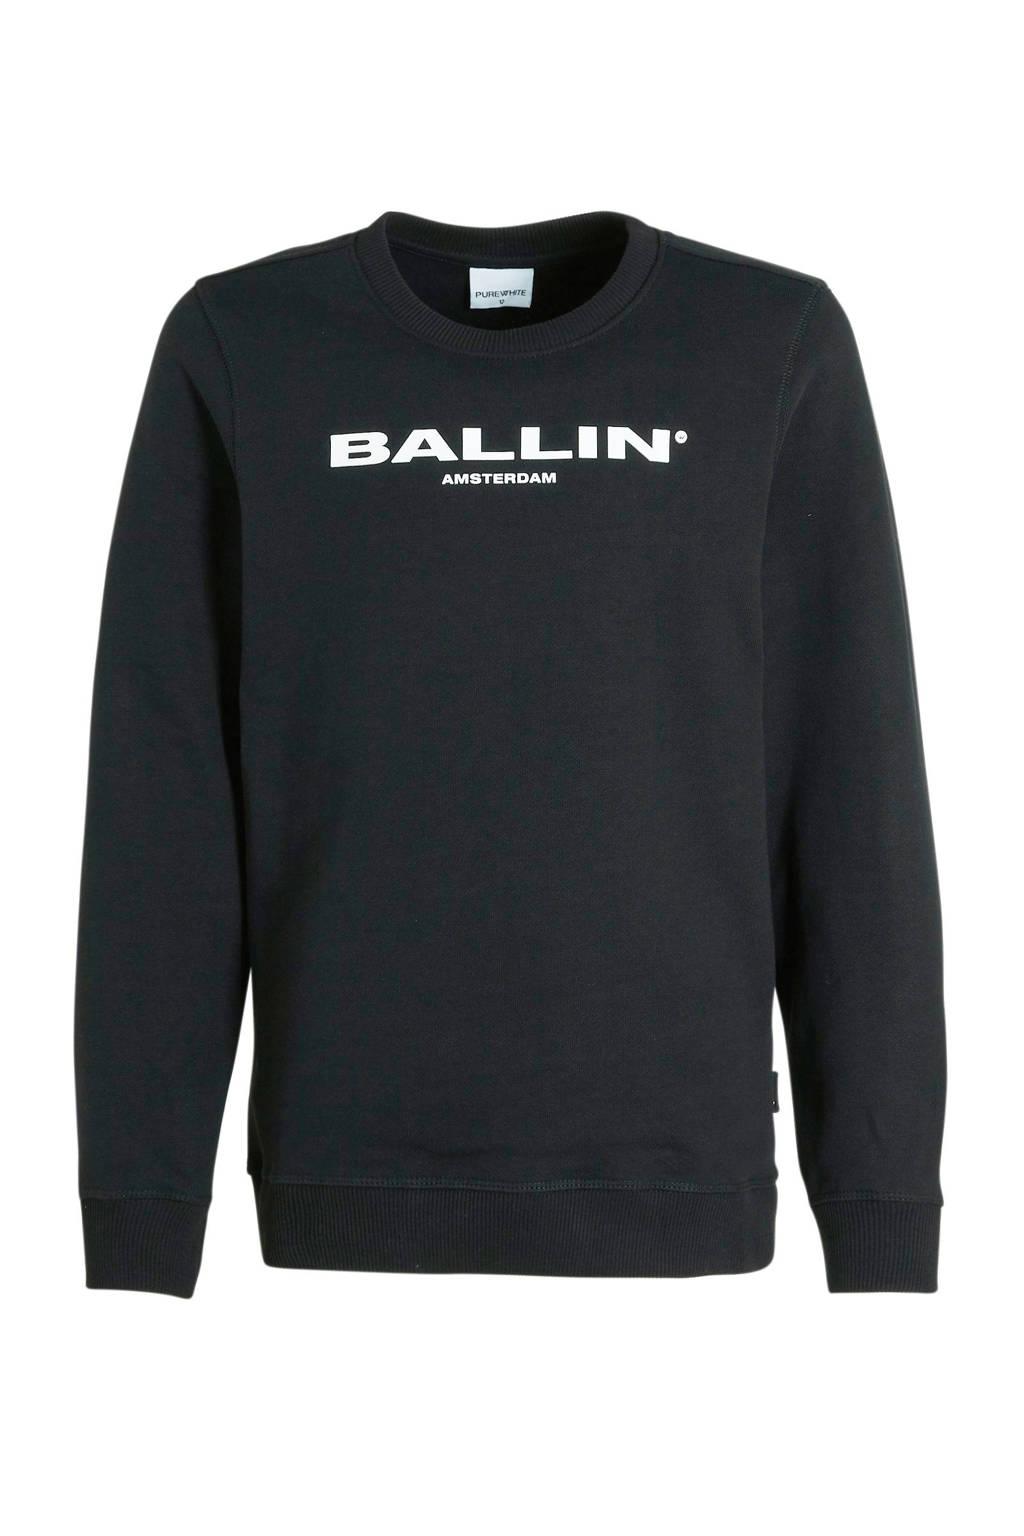 Ballin Amsterdam Junior by Purewhite sweater met logo zwart/wit, Zwart/wit